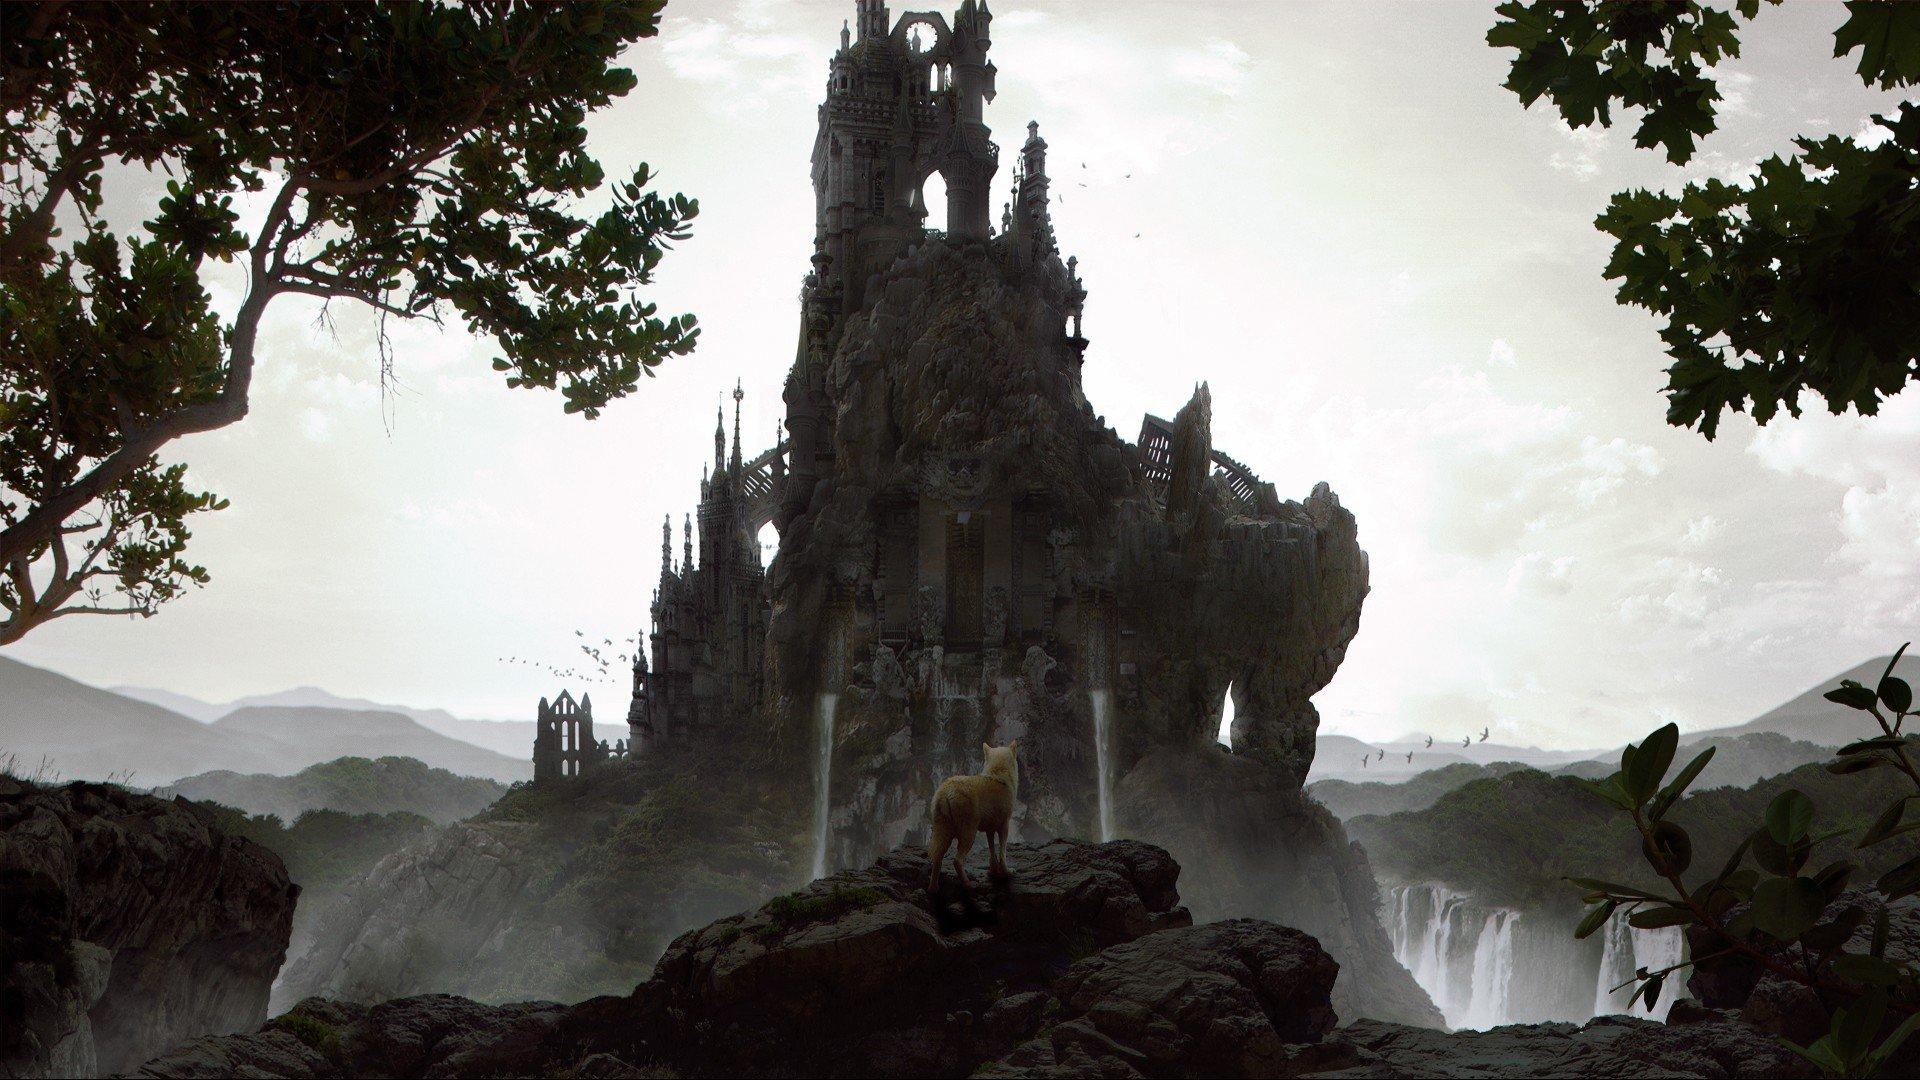 замок крепость обрыв туман бесплатно